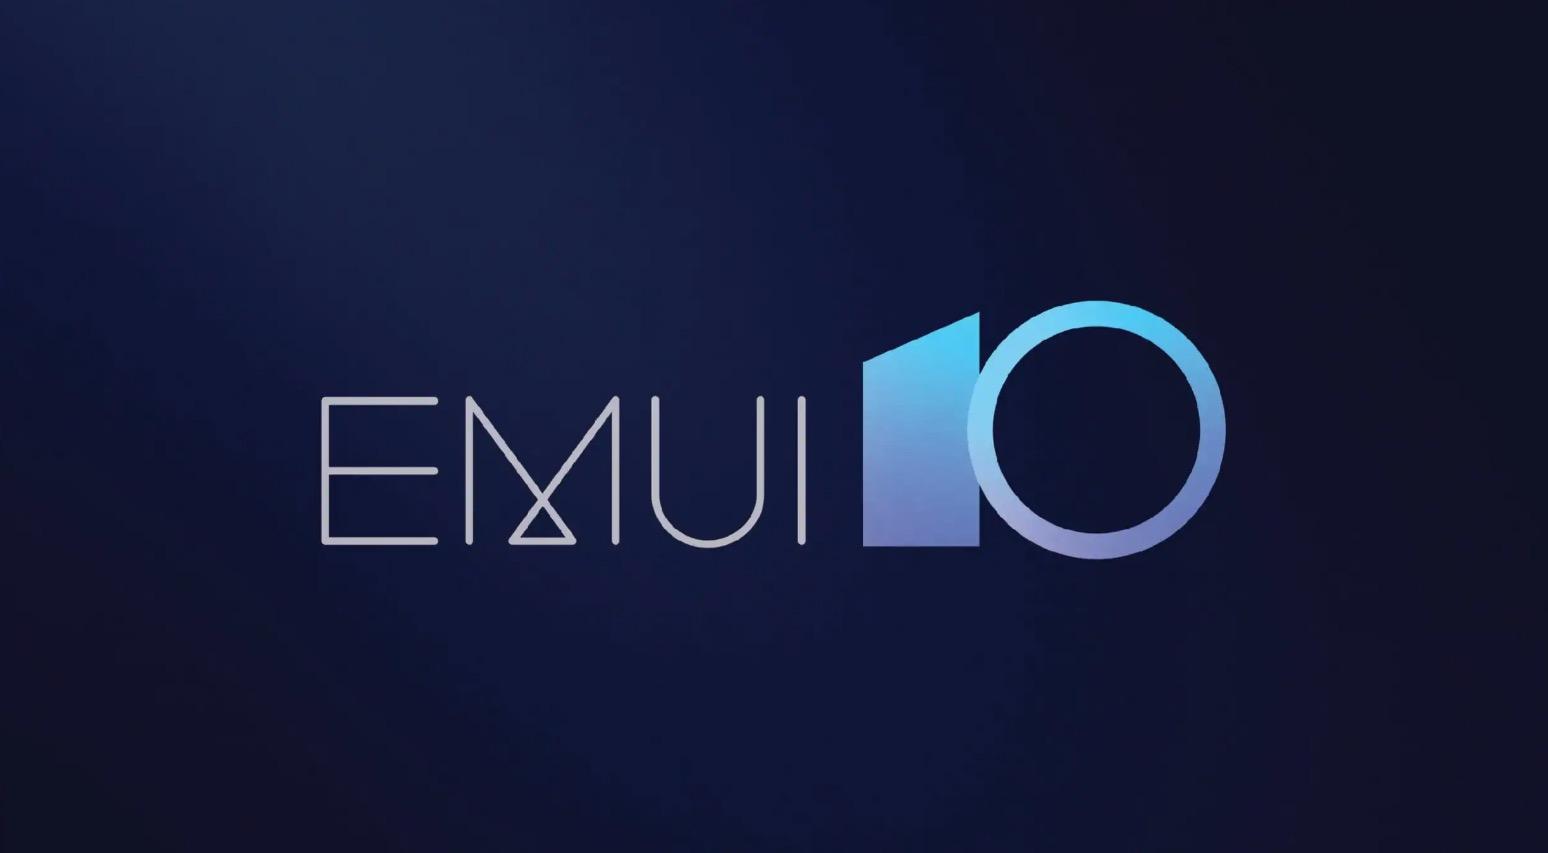 Come provare Android 10 Beta su Huawei P30 o P30 Pro